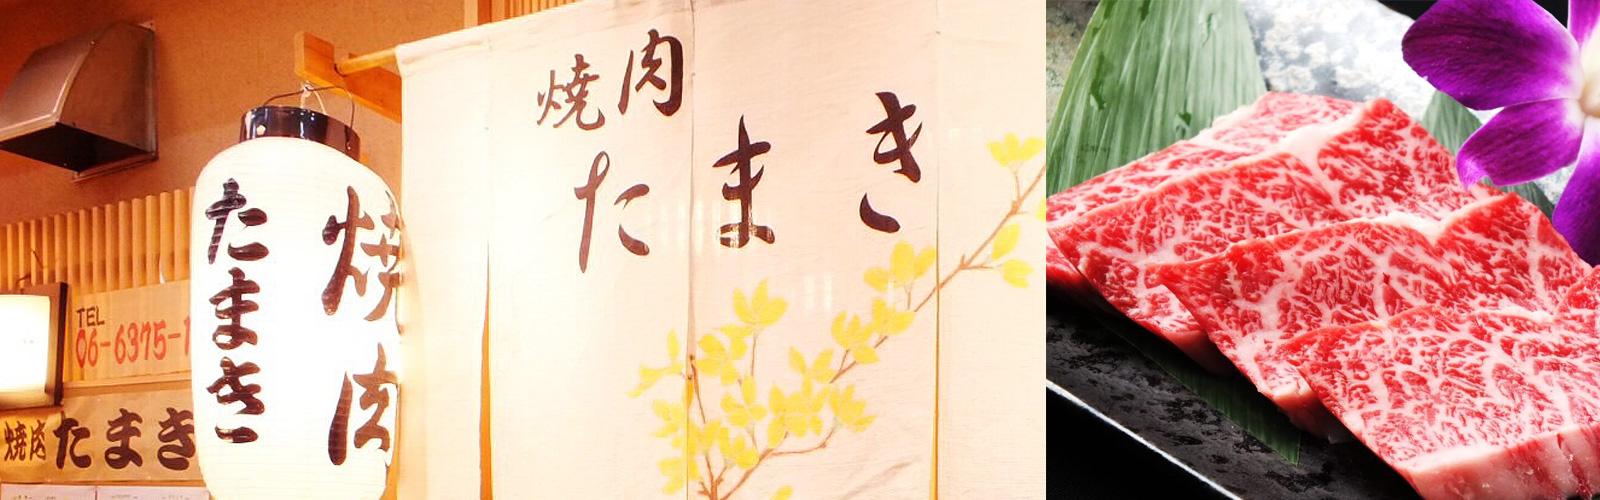 焼肉たまき(大阪・中崎町)